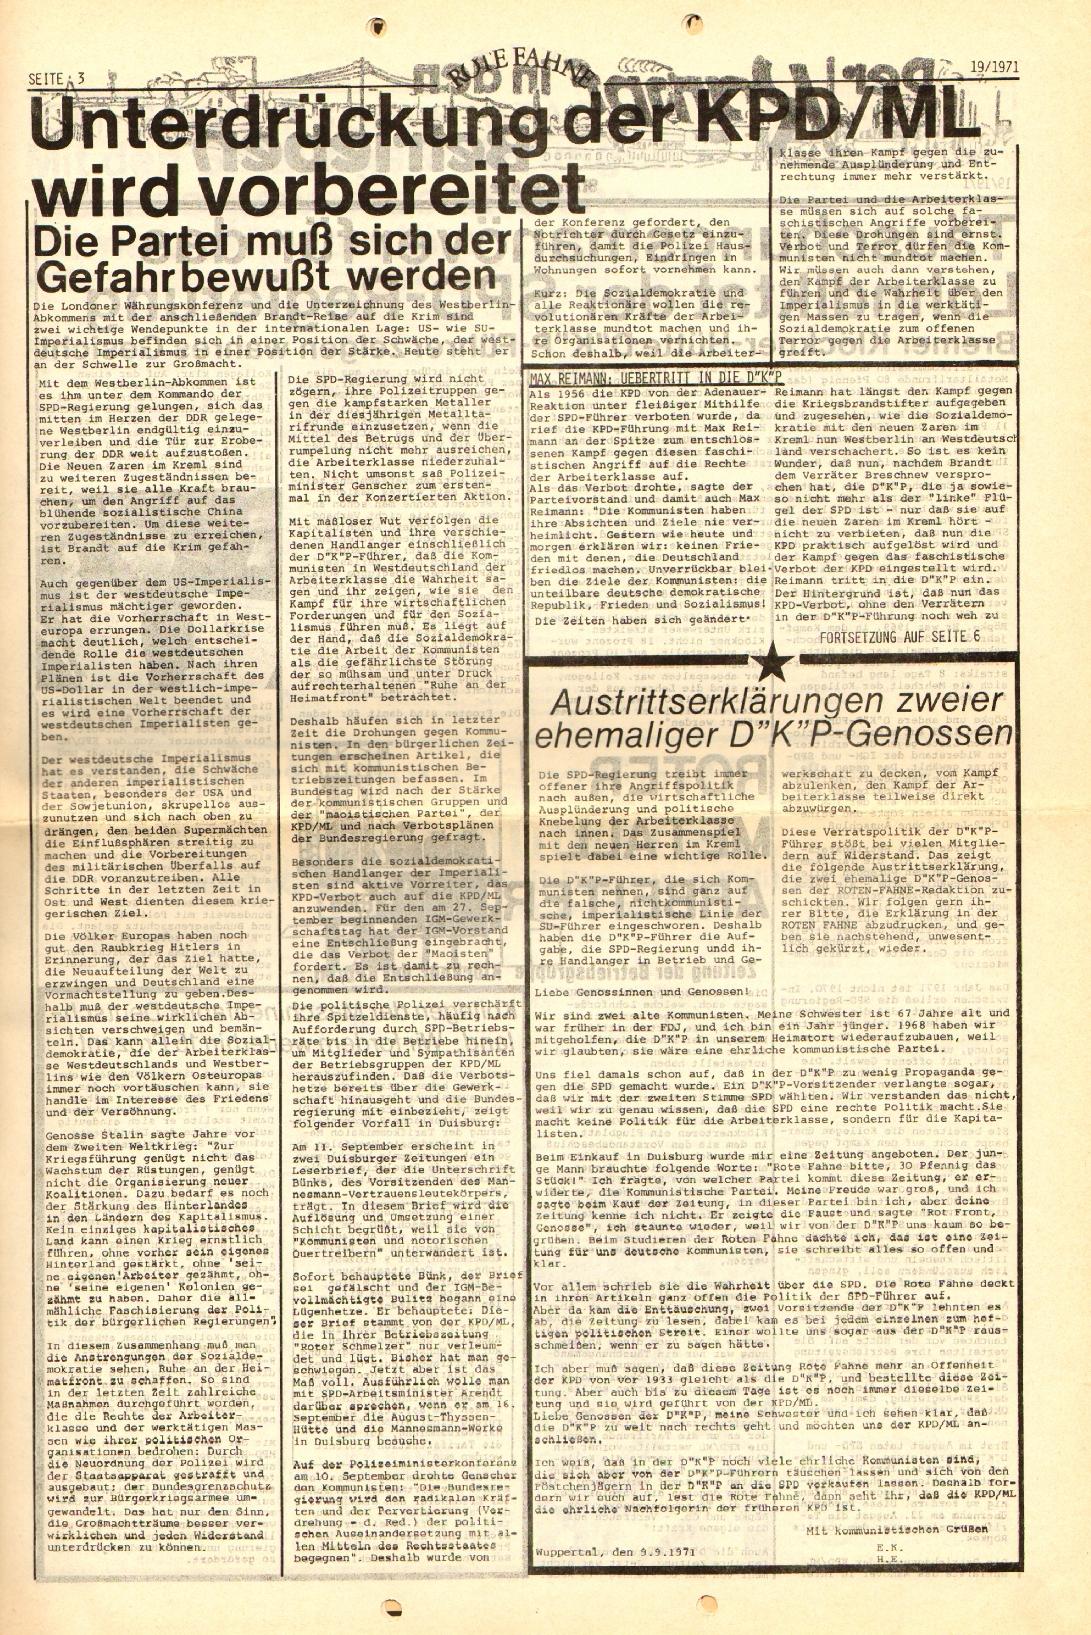 Rote Fahne, 2. Jg., 27.9.1971, Nr. 19, Seite 3